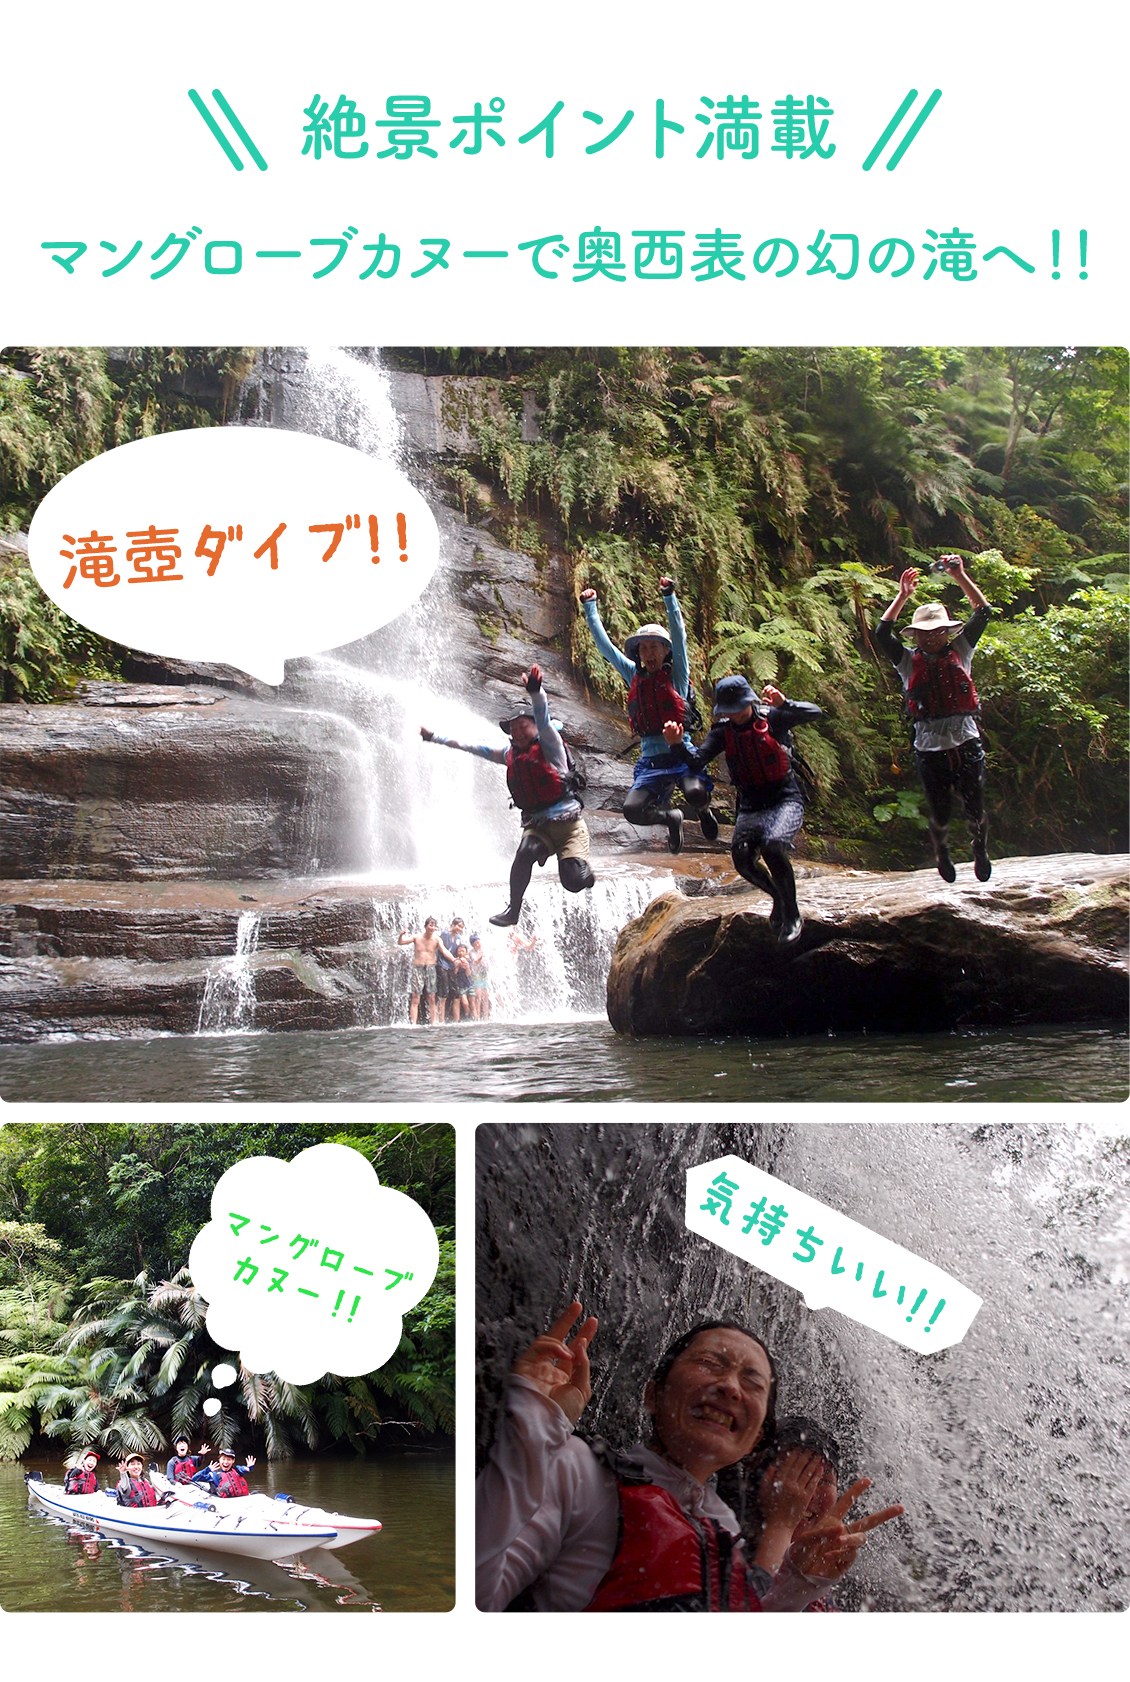 ナーラの滝カヌーツアー